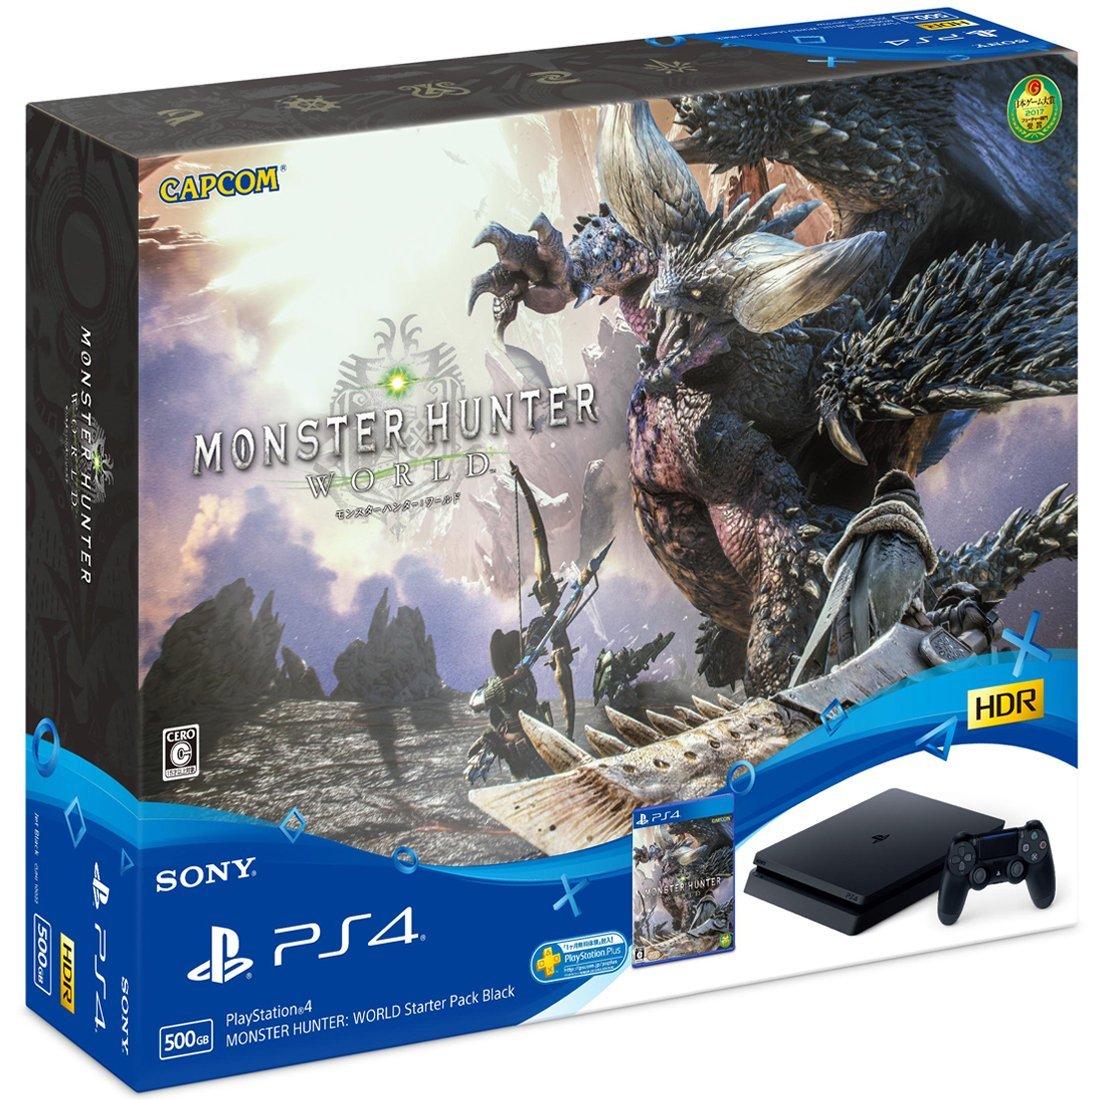 【あす楽】1/26発売 PlayStation 4 MONSTER HUNTER: WORLD Starter Pack Black【黒】(CUHJ-10022)★PS4 プレステ4 モンハン モンスターハンター 4948872015486